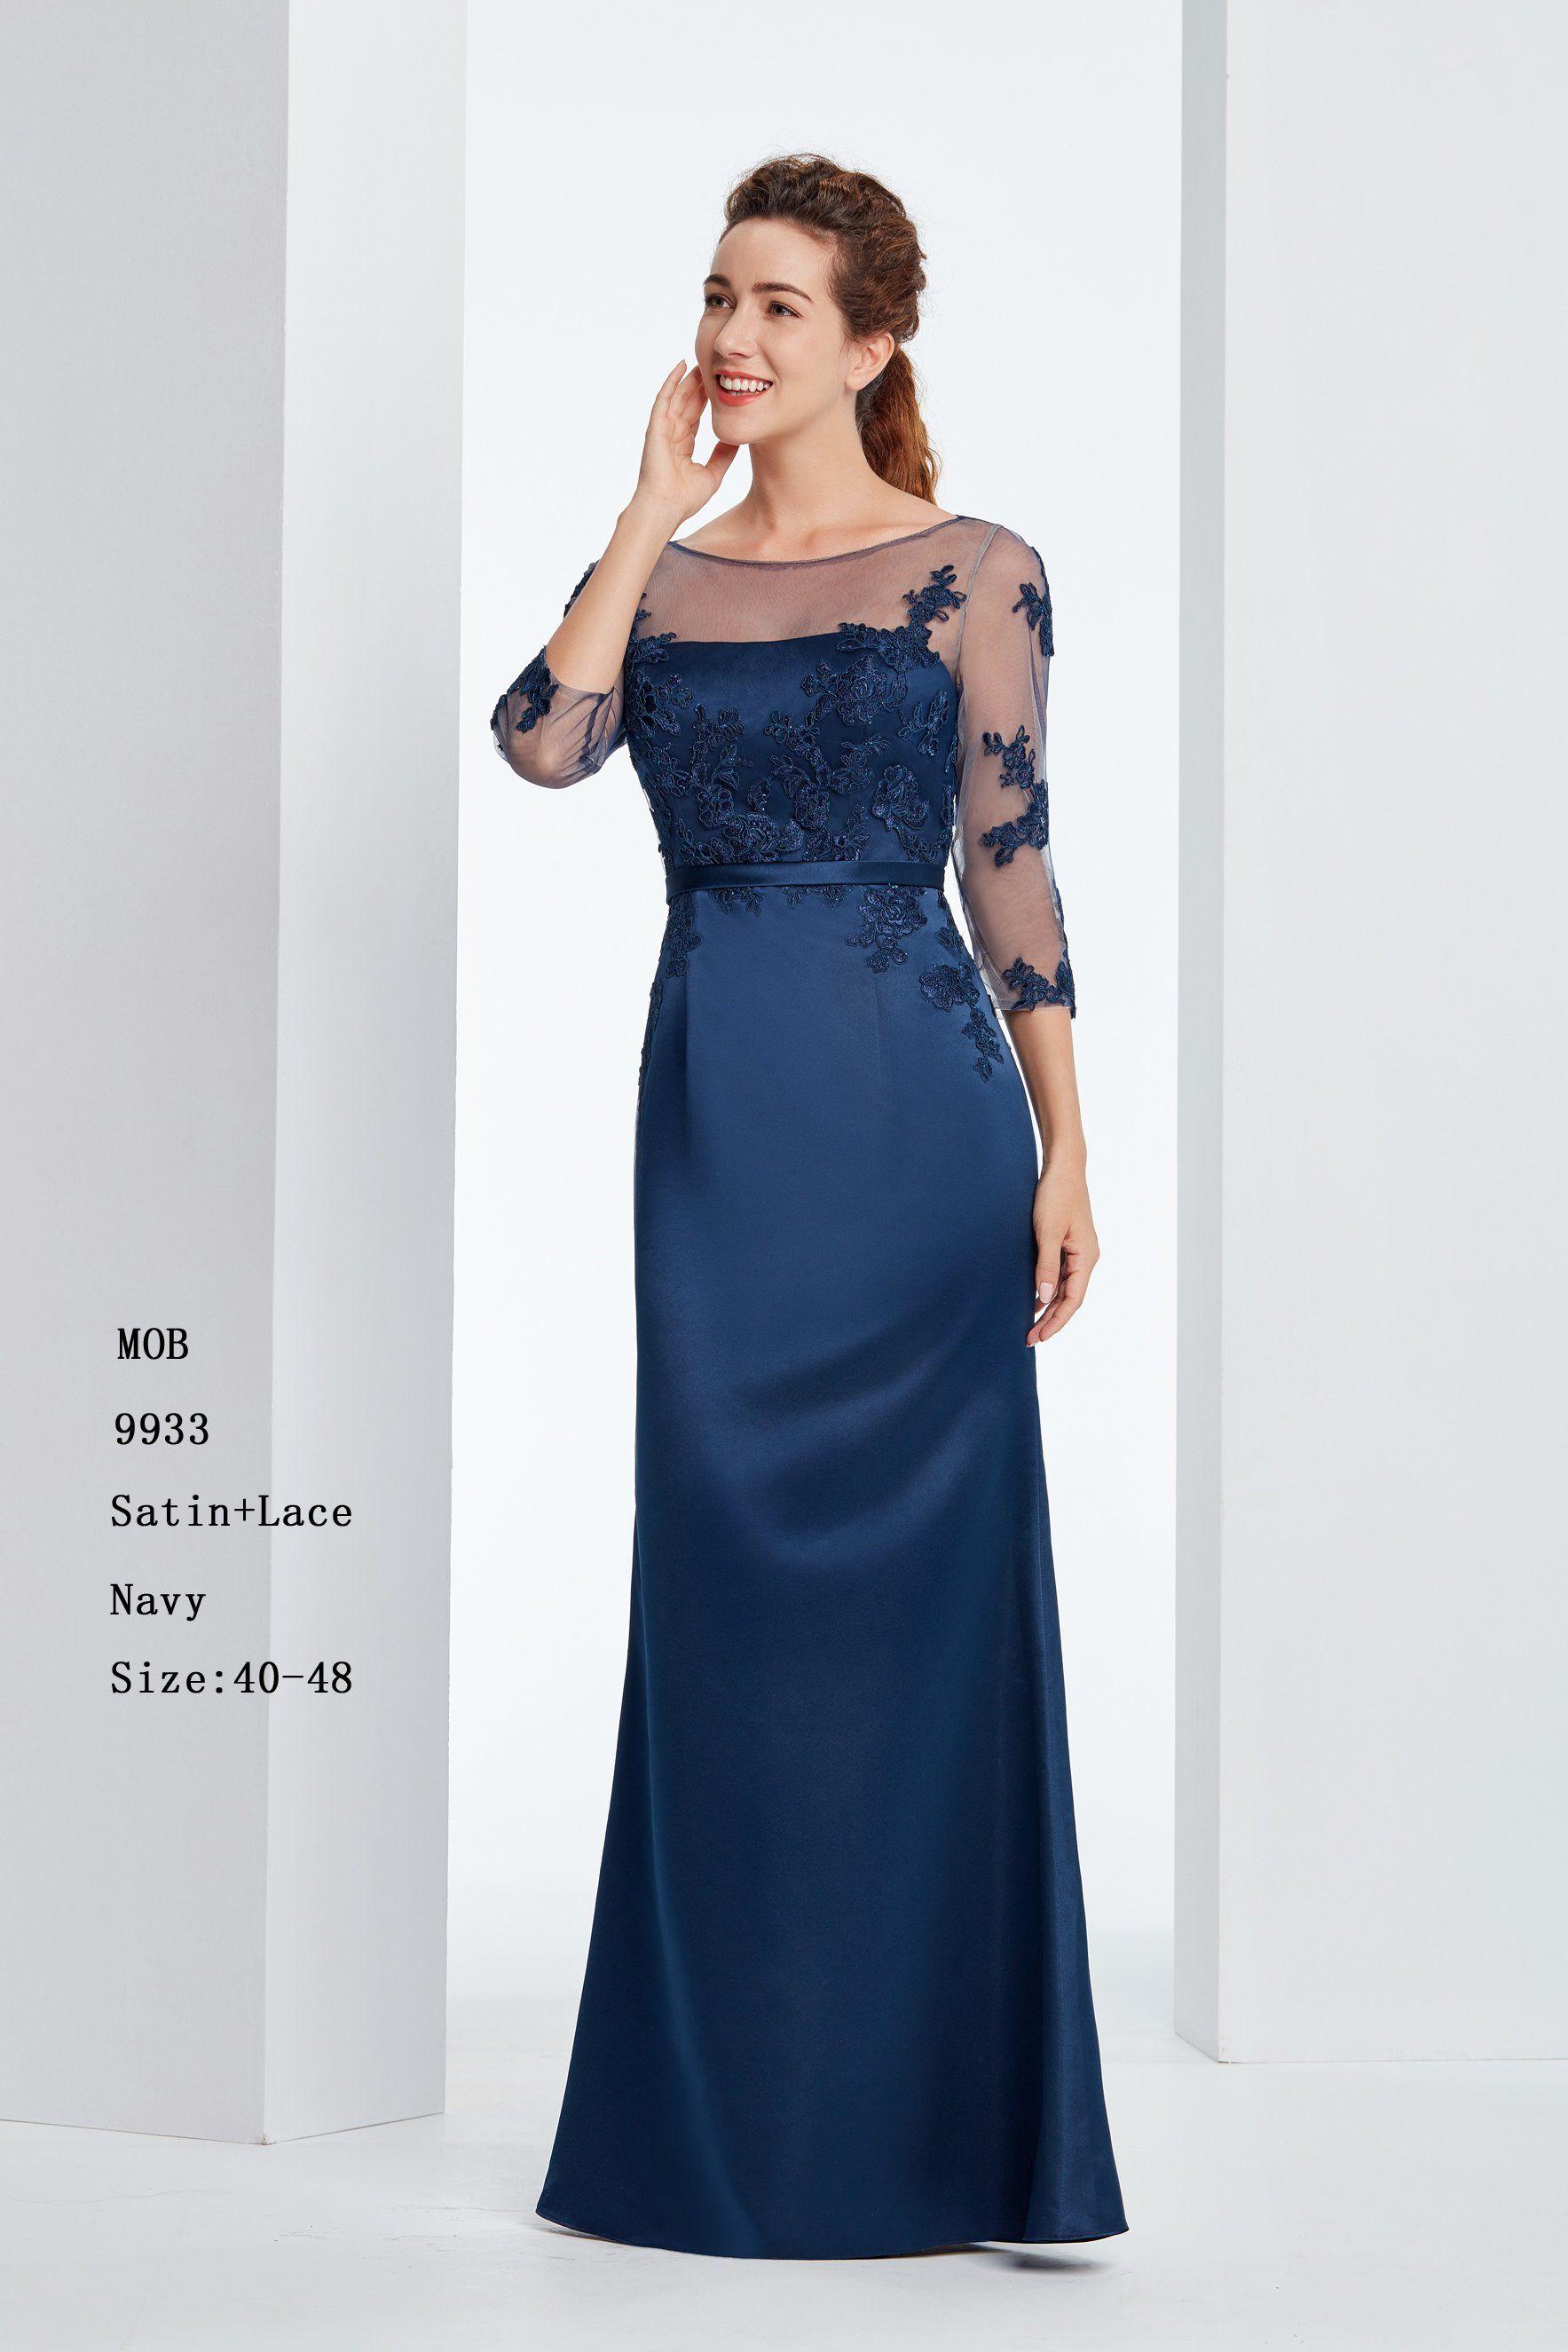 abendkleider - top modische kleider | abendkleid, glamouröse